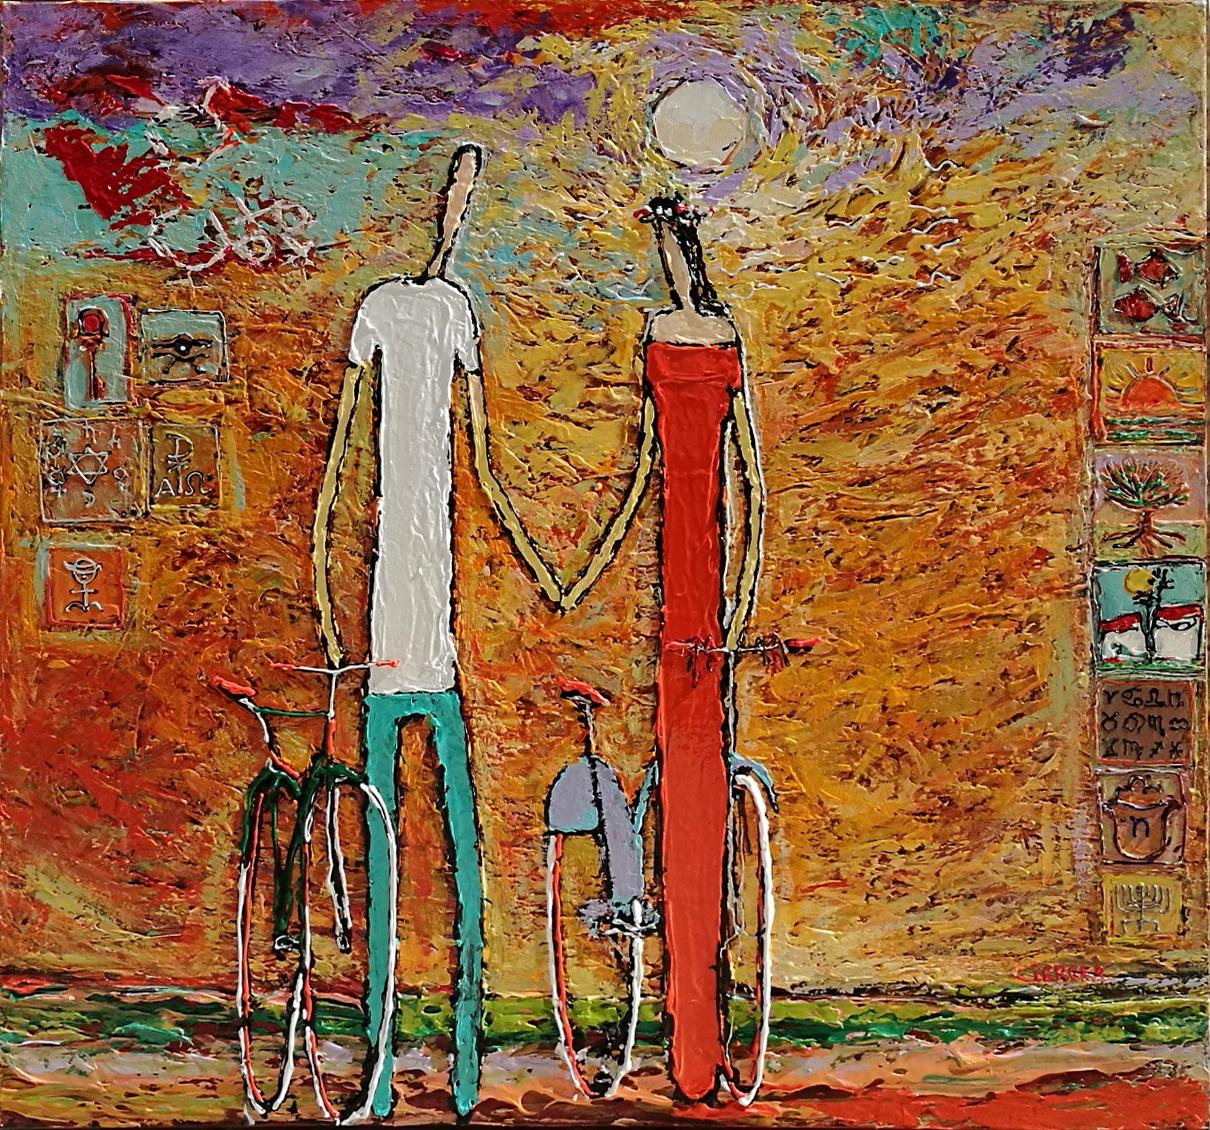 Best Friends by Alik Gerber